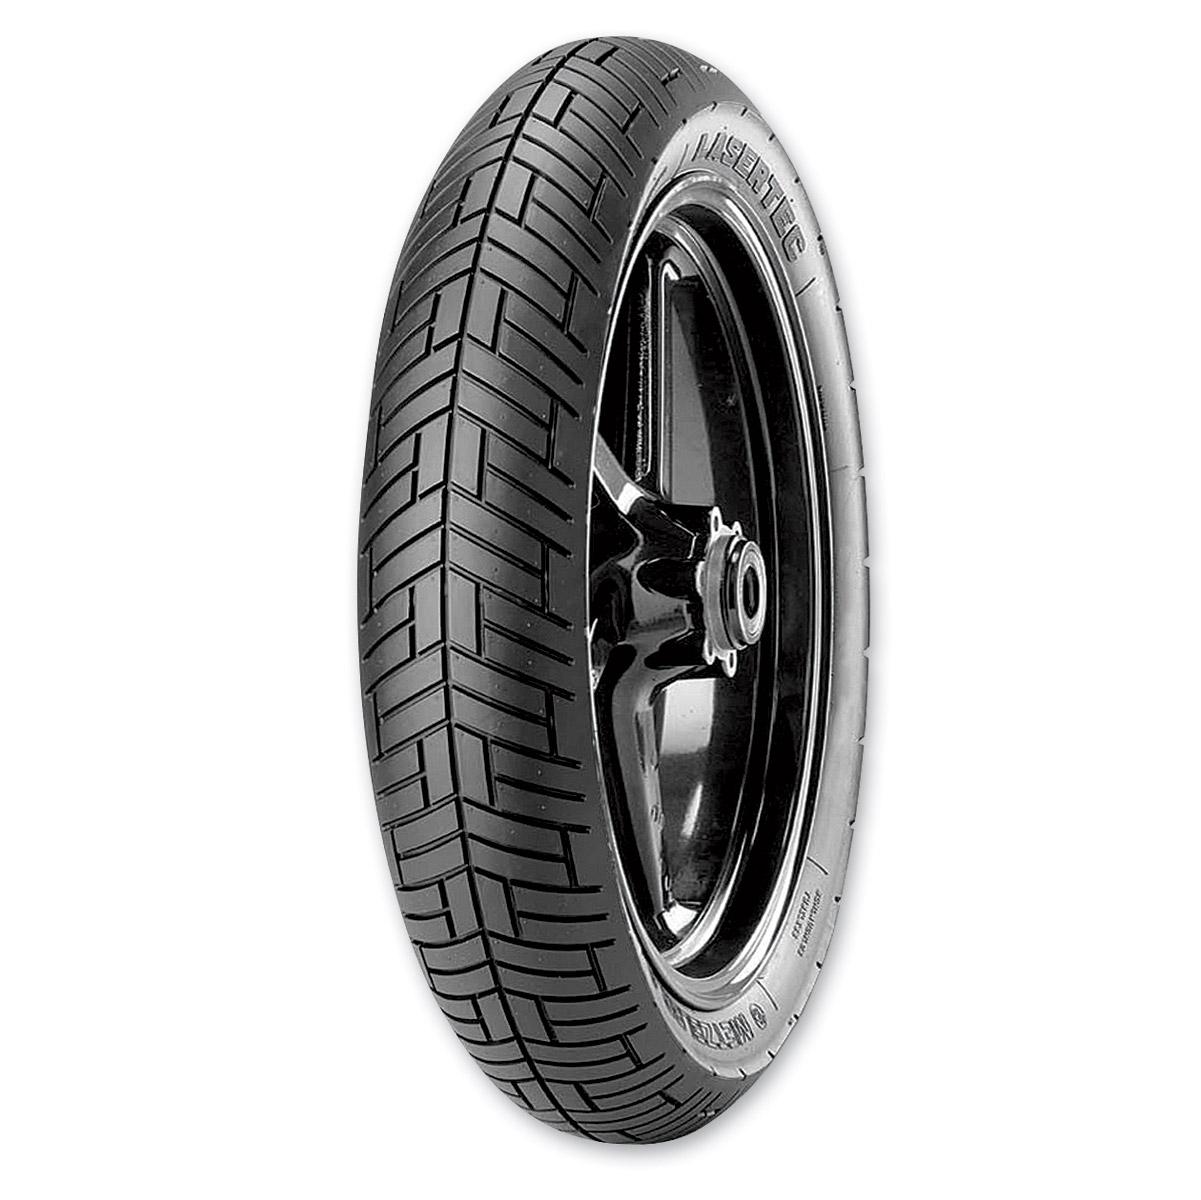 Metzeler Lasertec 110/70-17 Front Tire